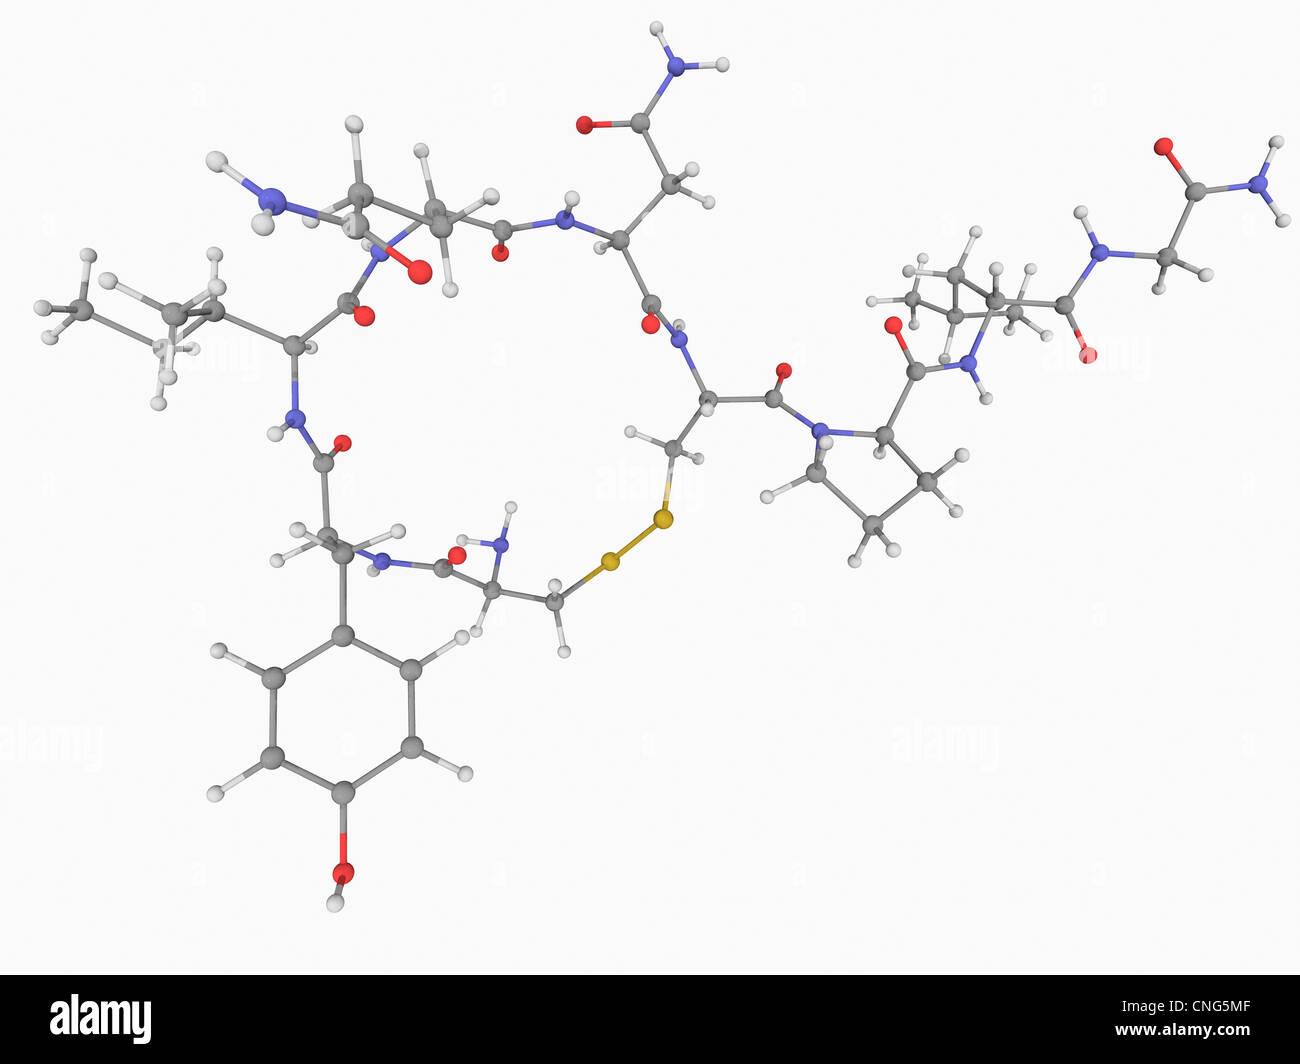 Oxytocin hormone molecule - Stock Image